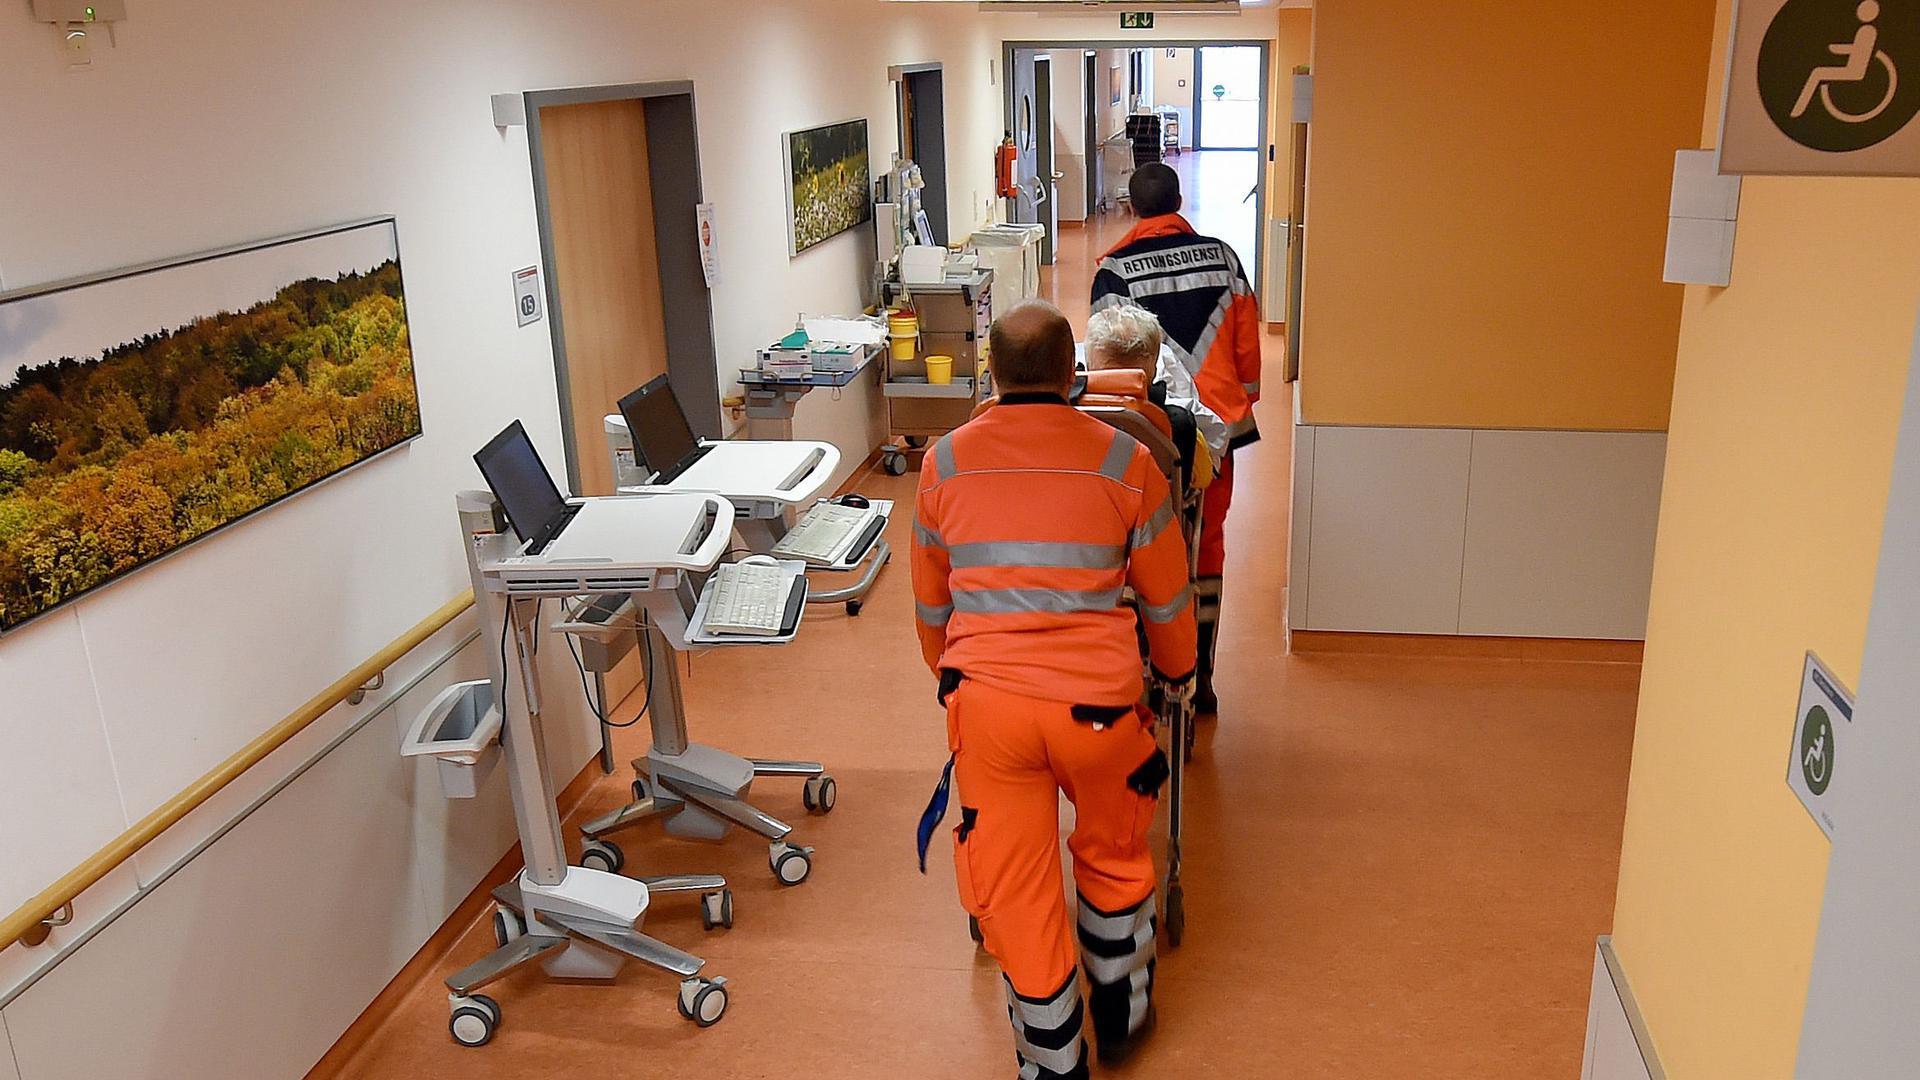 Mitarbeiter eines Rettungsdienstes schieben eine Trage mit Person über einen Flur in der Notaufnahme-Station im Klinikum.